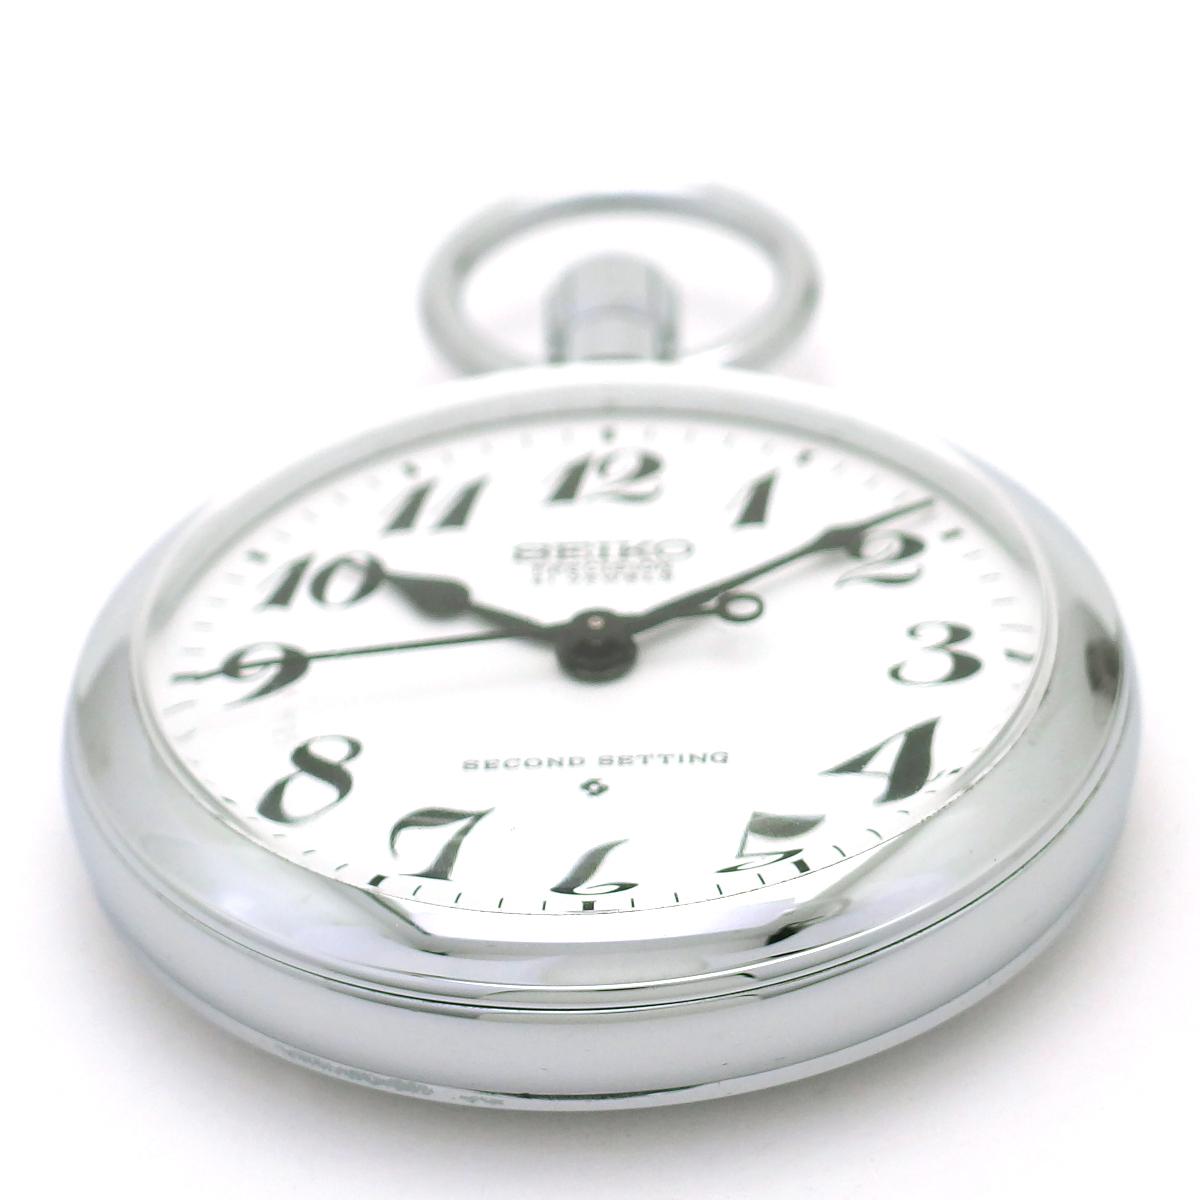 セイコー プレシジョン 懐中時計 6110-0010 紐つき Cal.6110A 21石 手巻 OH済 昭和52年/1977年製 Seiko